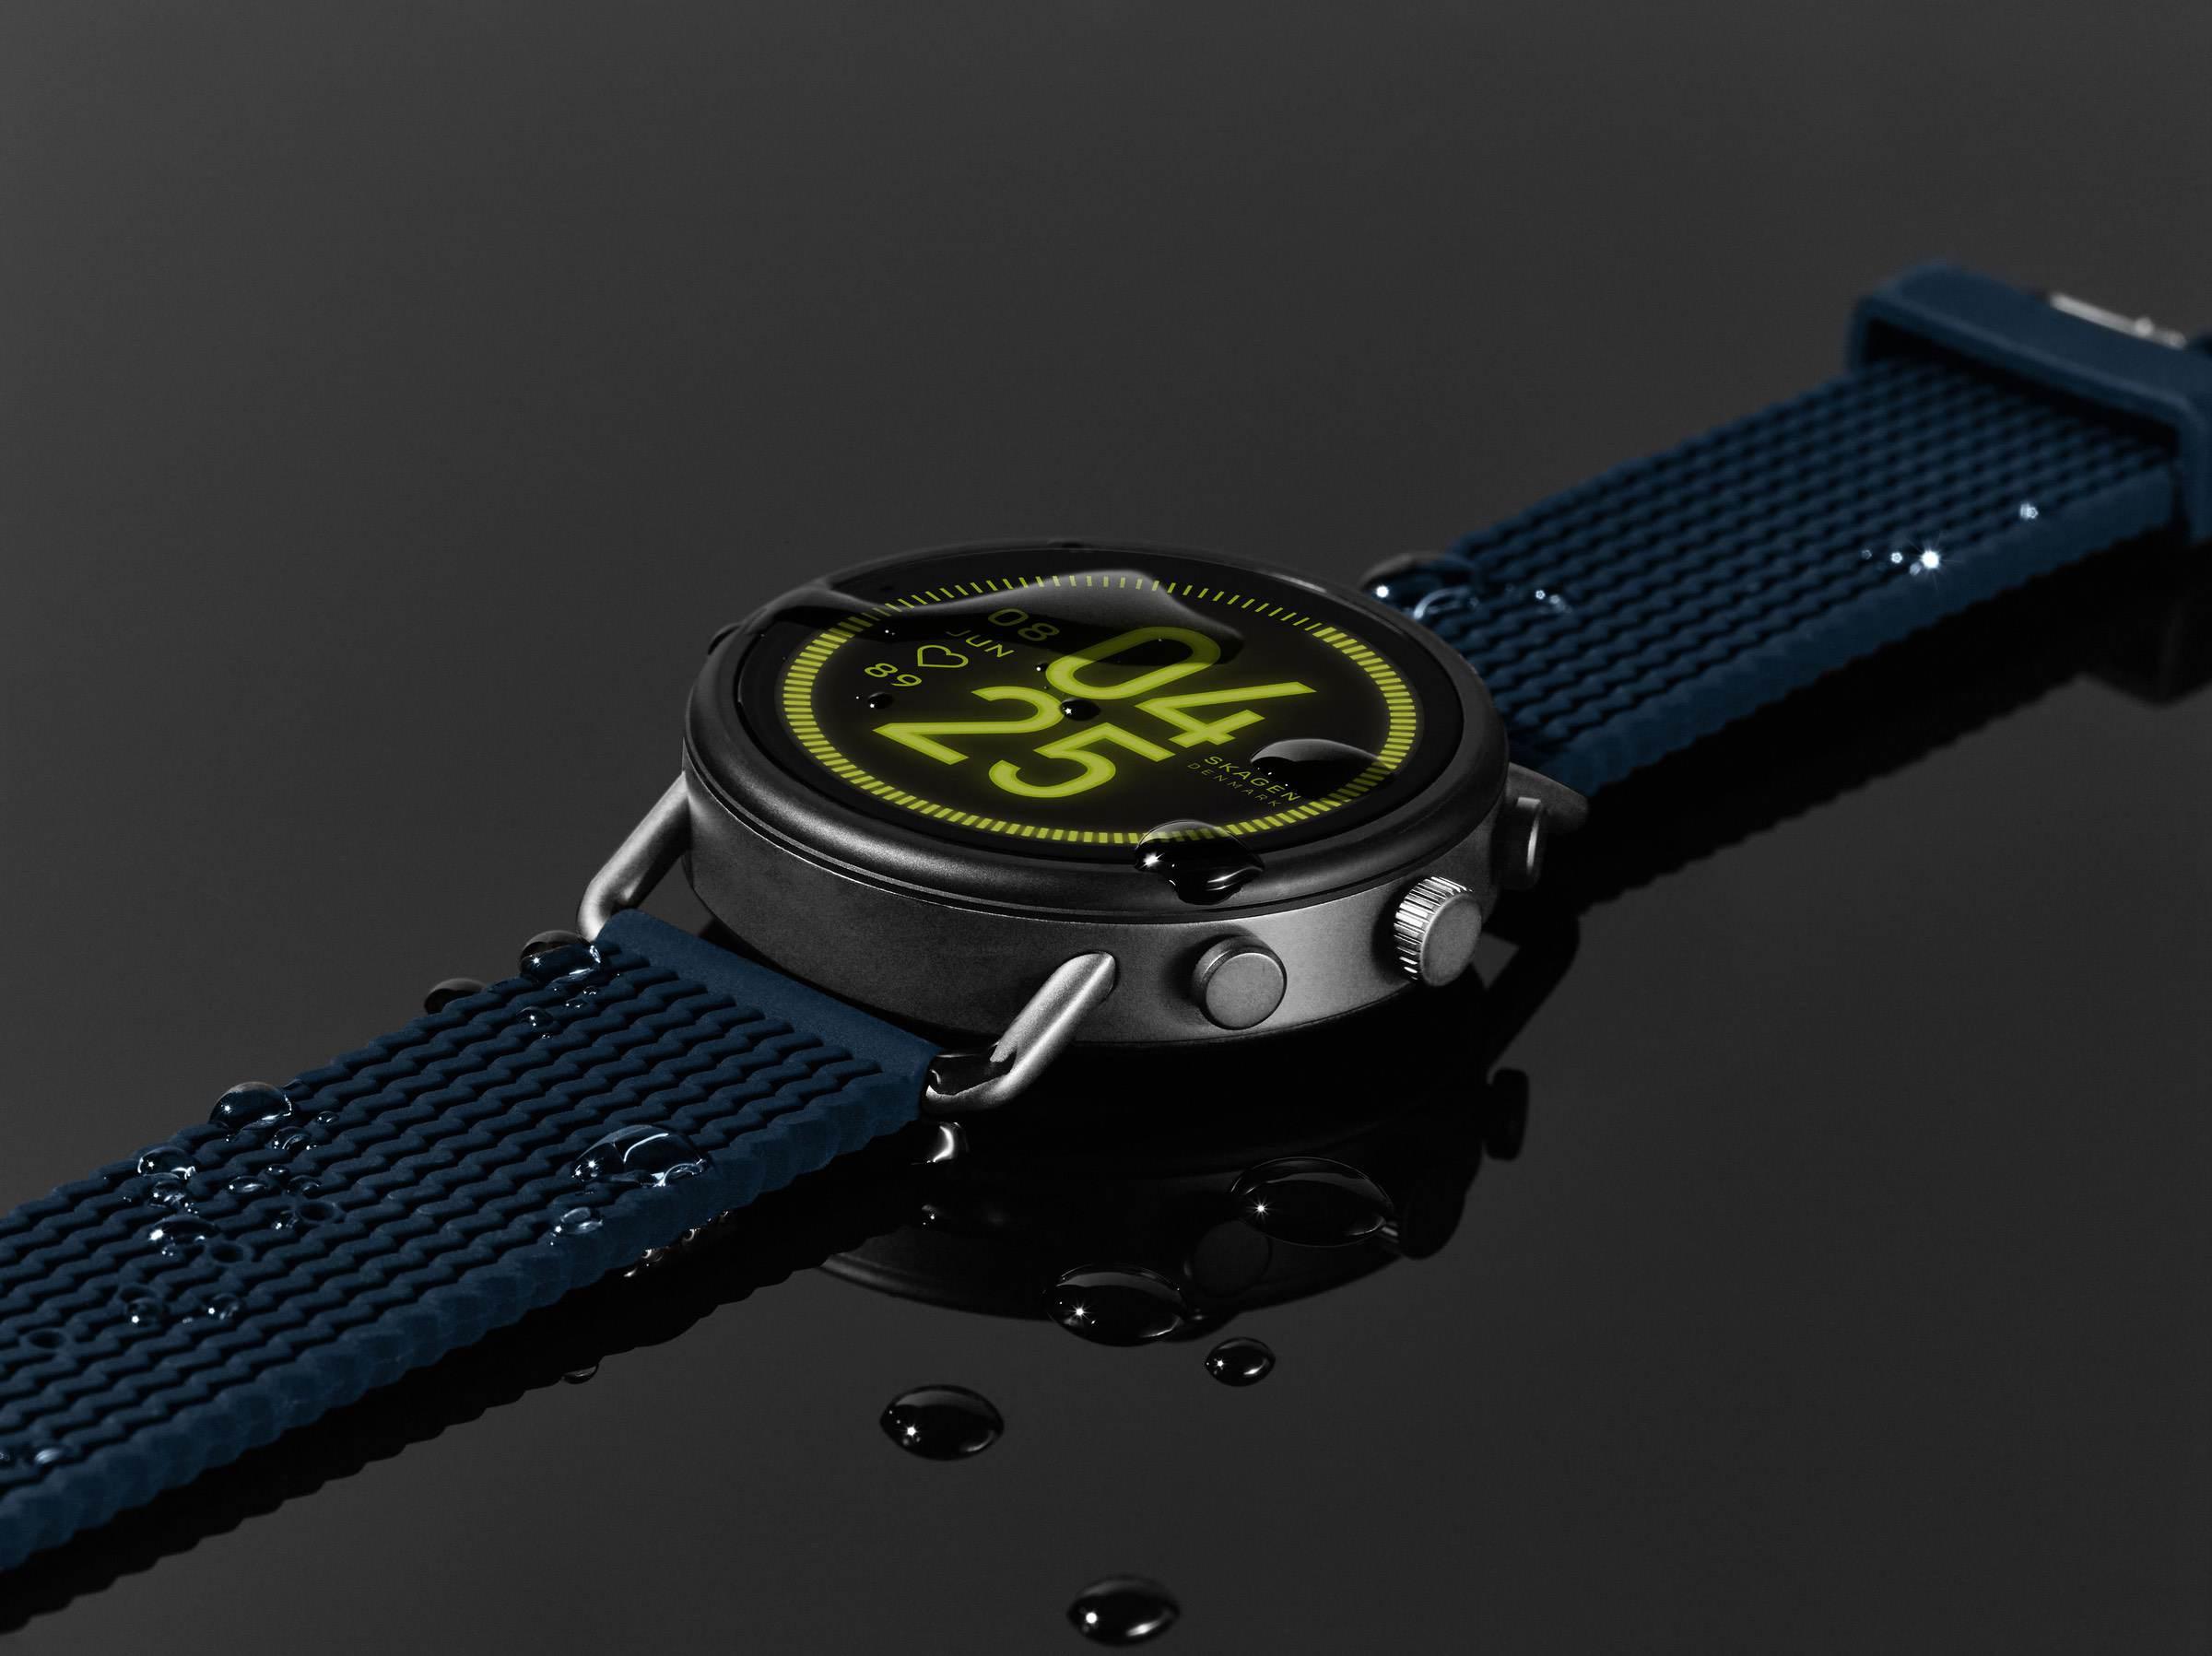 SKAGEN Falster 3 – Touchscreen Smartwatch aus Dänemark #CES2020